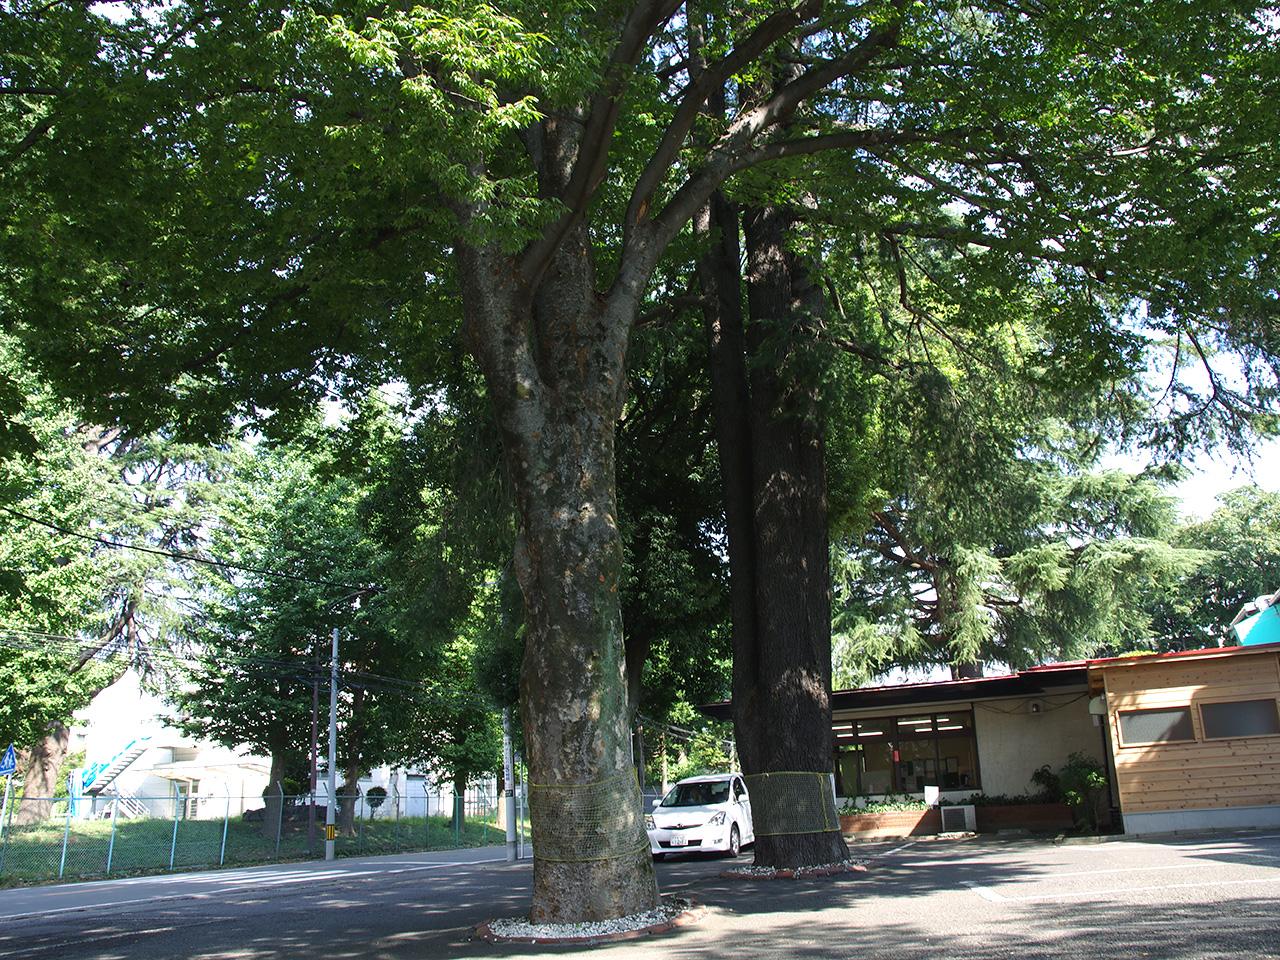 第2駐車場のニレとヒマラヤスギの巨木。クラブハウスもフェアウェイもこのような大きな木に囲まれています。